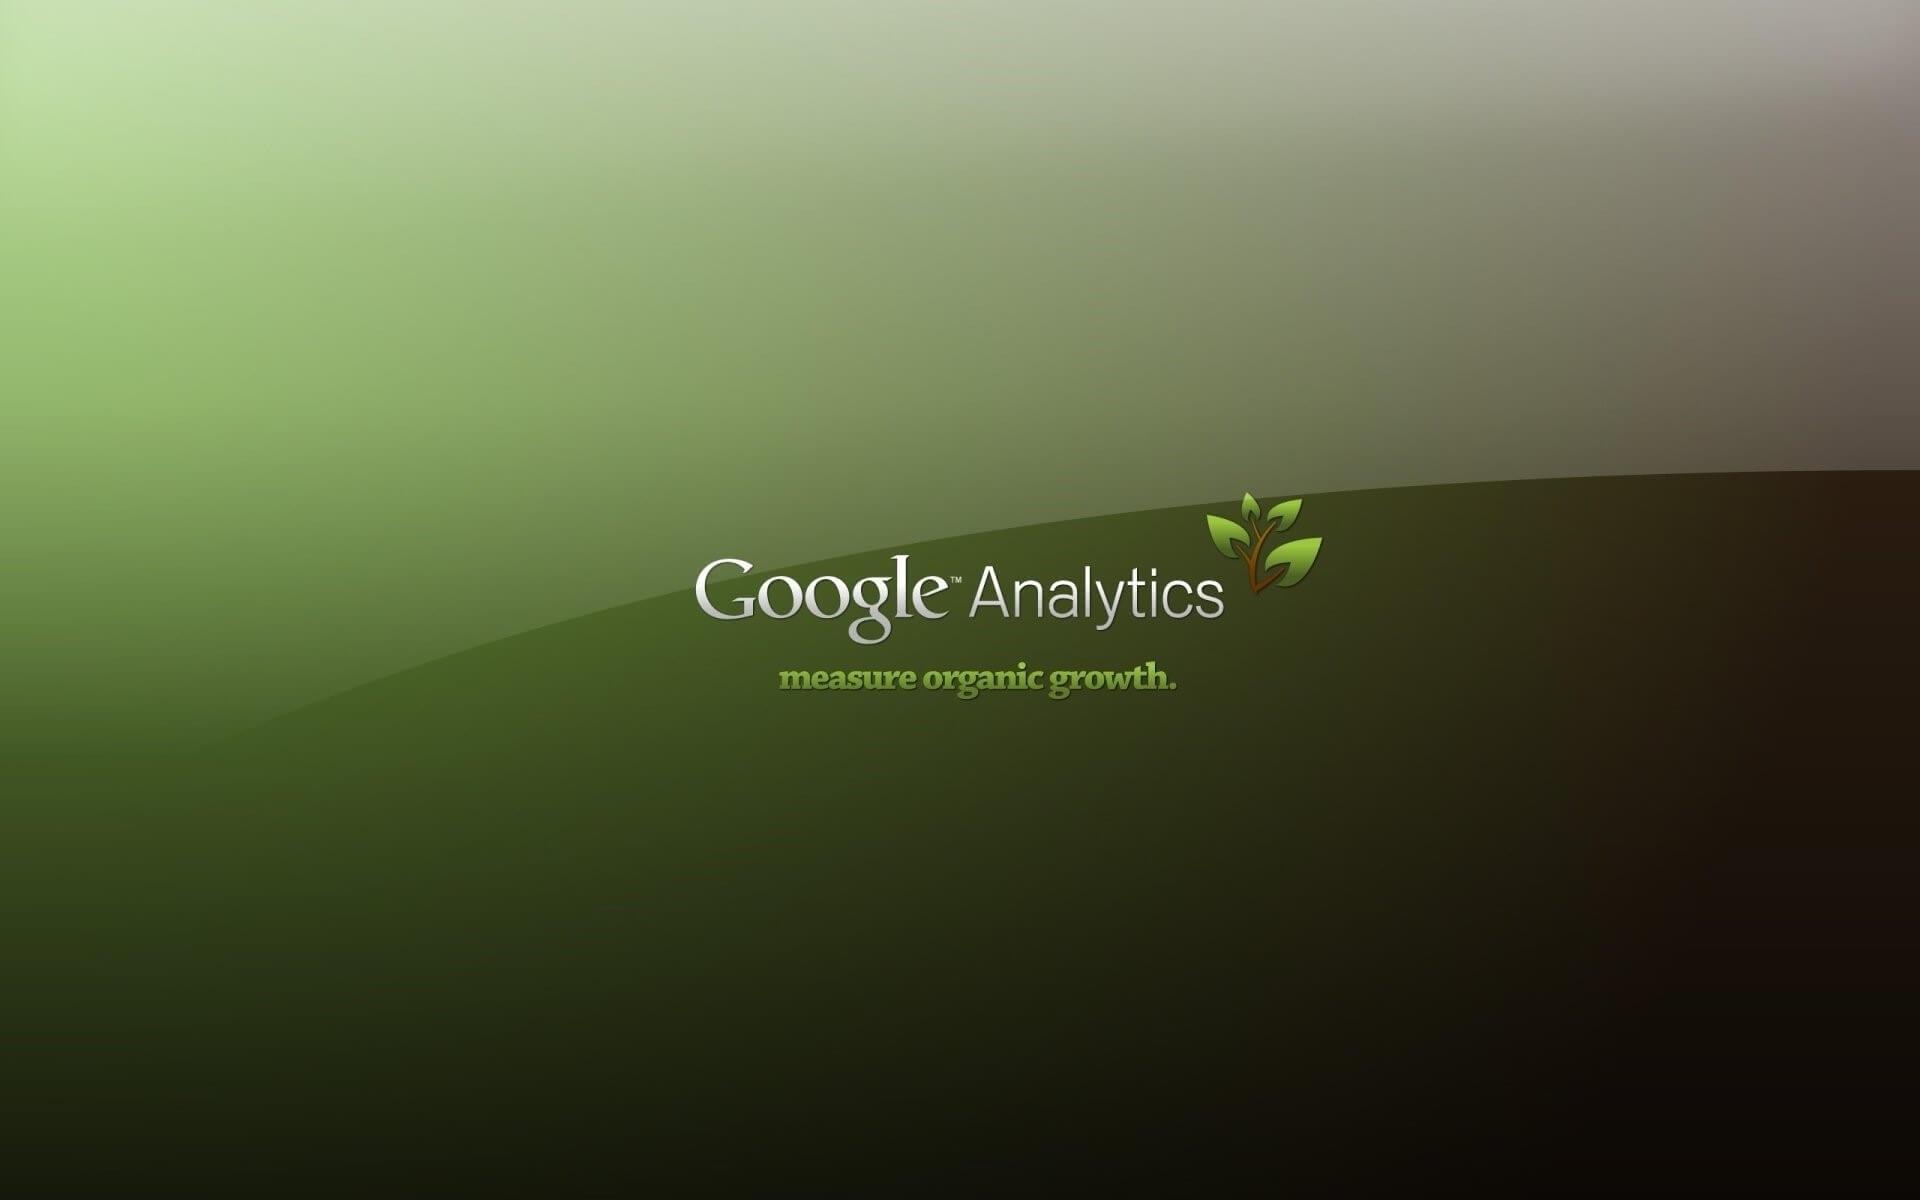 hình nền logo của công cụ tìm kiếm Google số 6